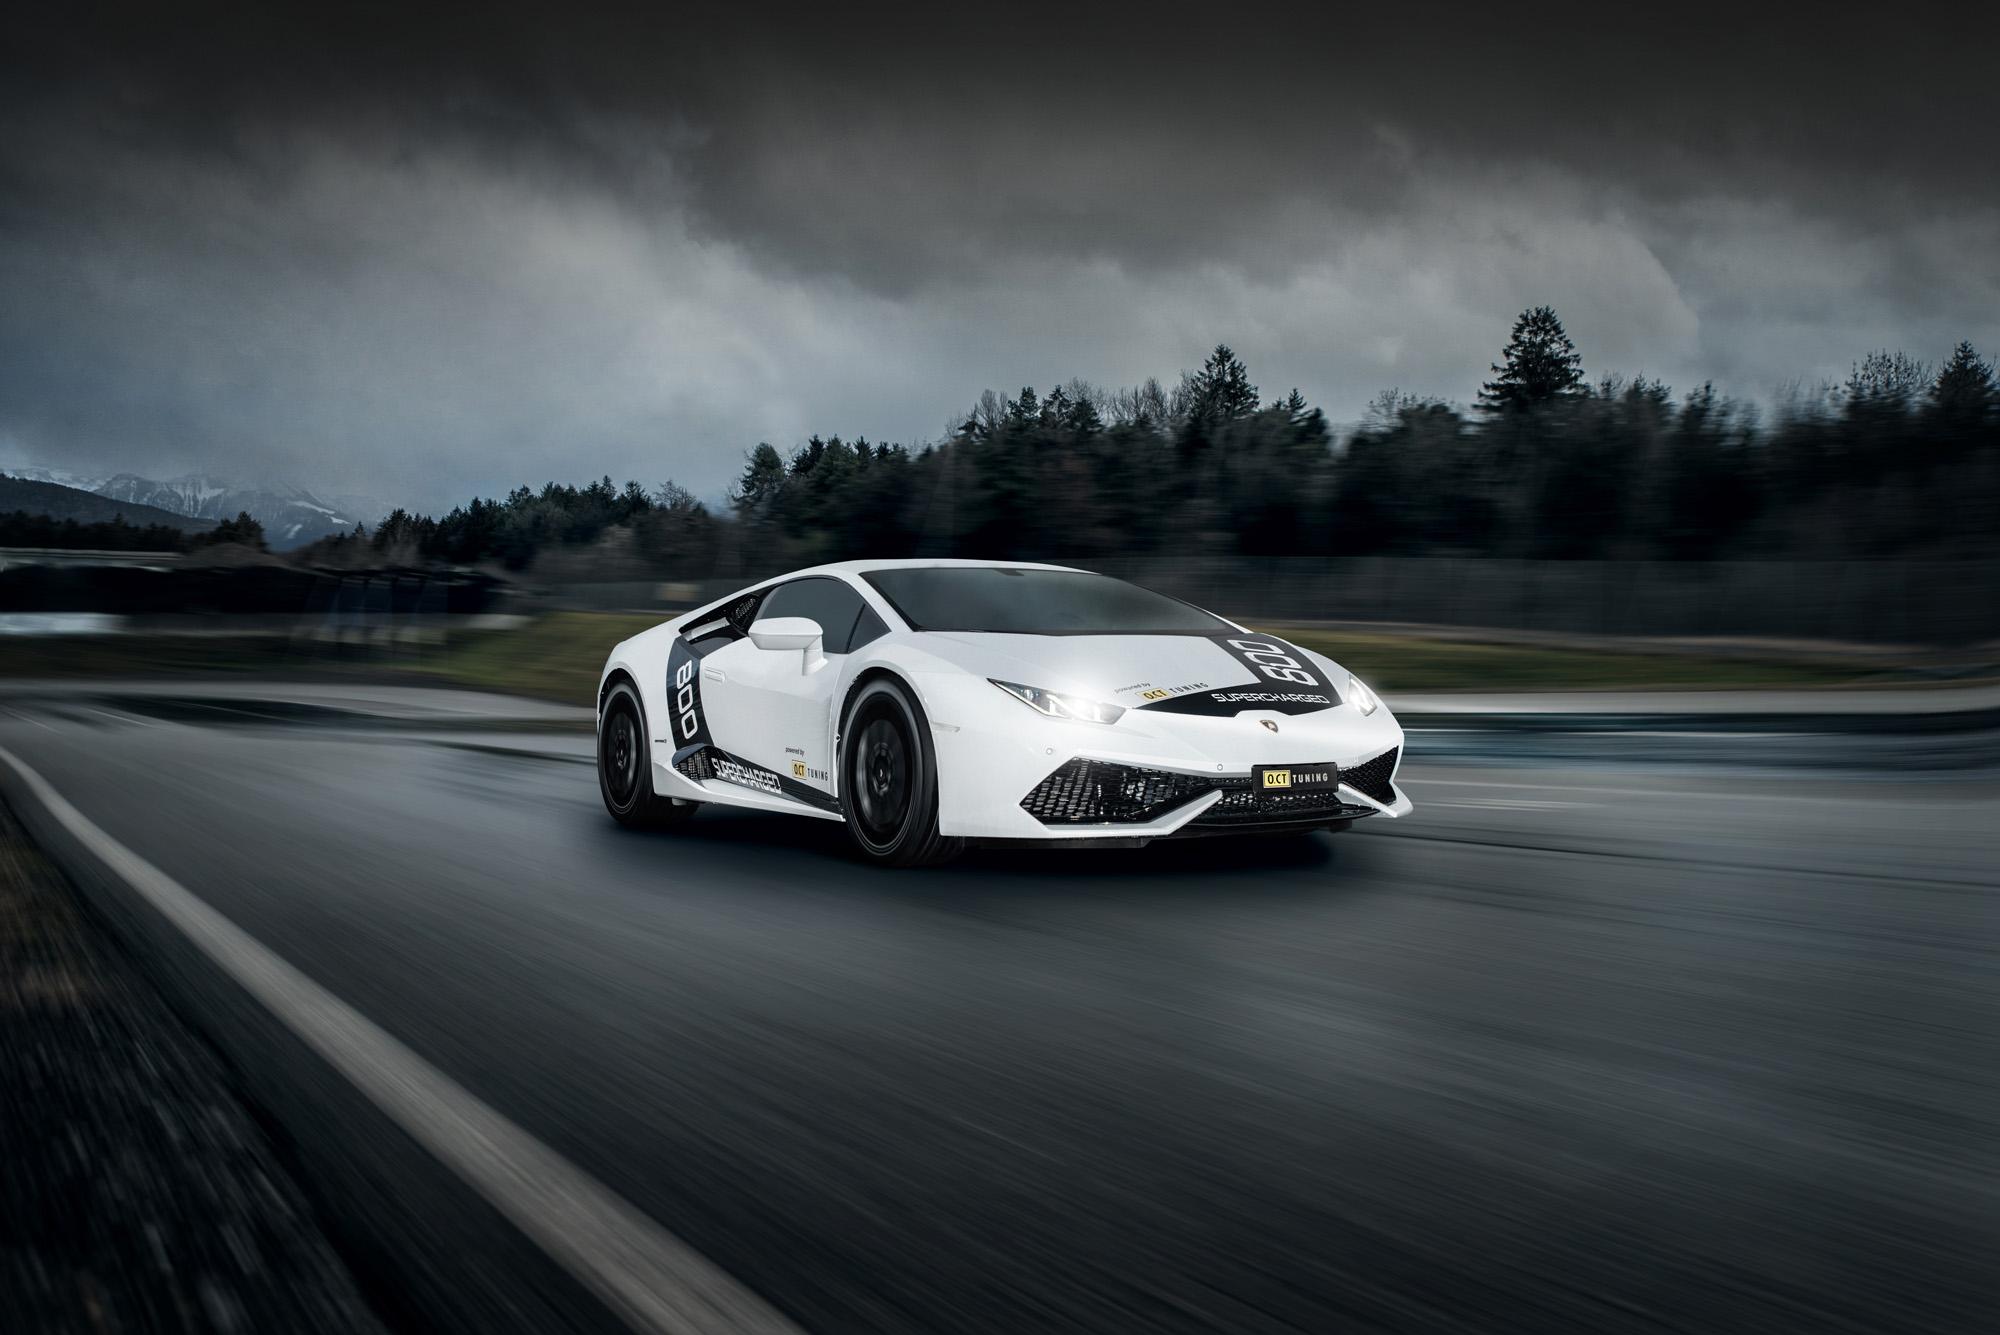 Brutal schnell: Der Lamborghini Huracán O.CT800 fliegt in 2,5 Sekunden auf Tempo 100.